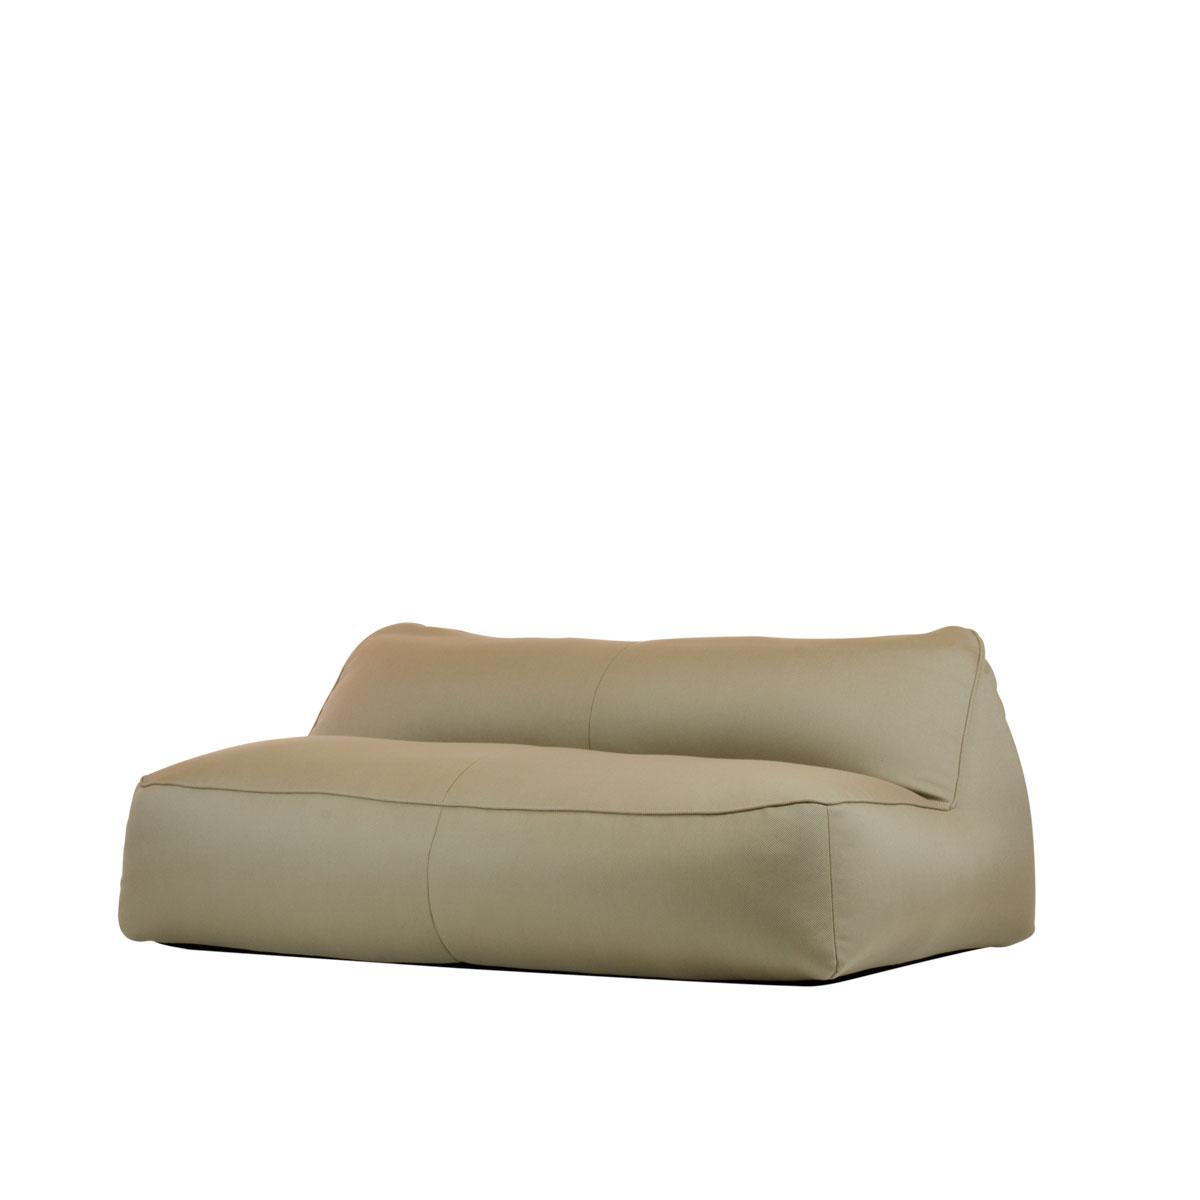 Full Size of Lounge Sofa Outdoor Wetterfest Couch Ikea Panarea Von Moonich Ohne Lehne Kleines Wohnzimmer Kaufen Günstig Neu Beziehen Lassen Reiniger Dauerschläfer Barock Wohnzimmer Outdoor Sofa Wetterfest